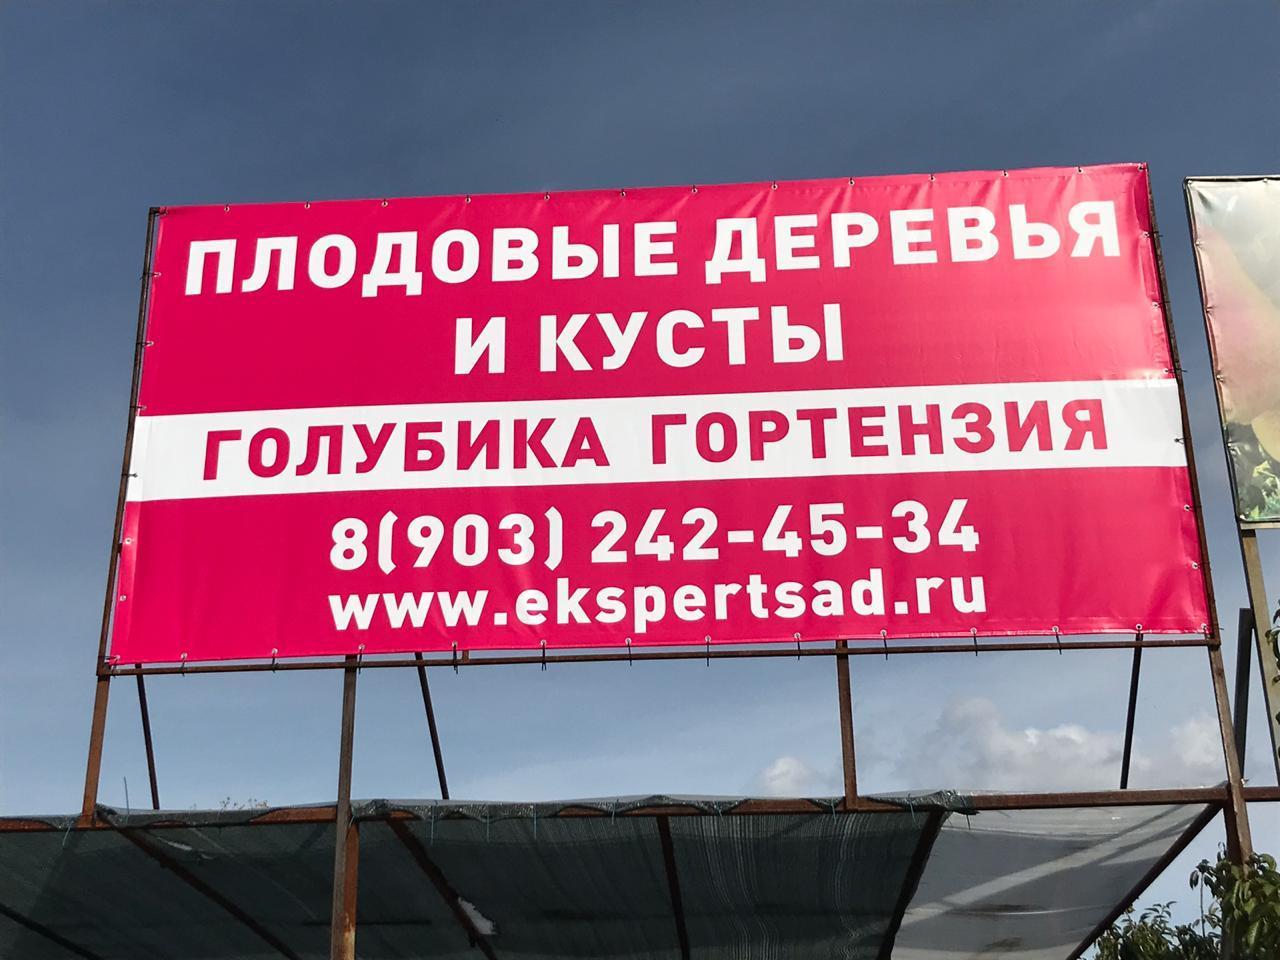 Вывеска Эксперт Сад